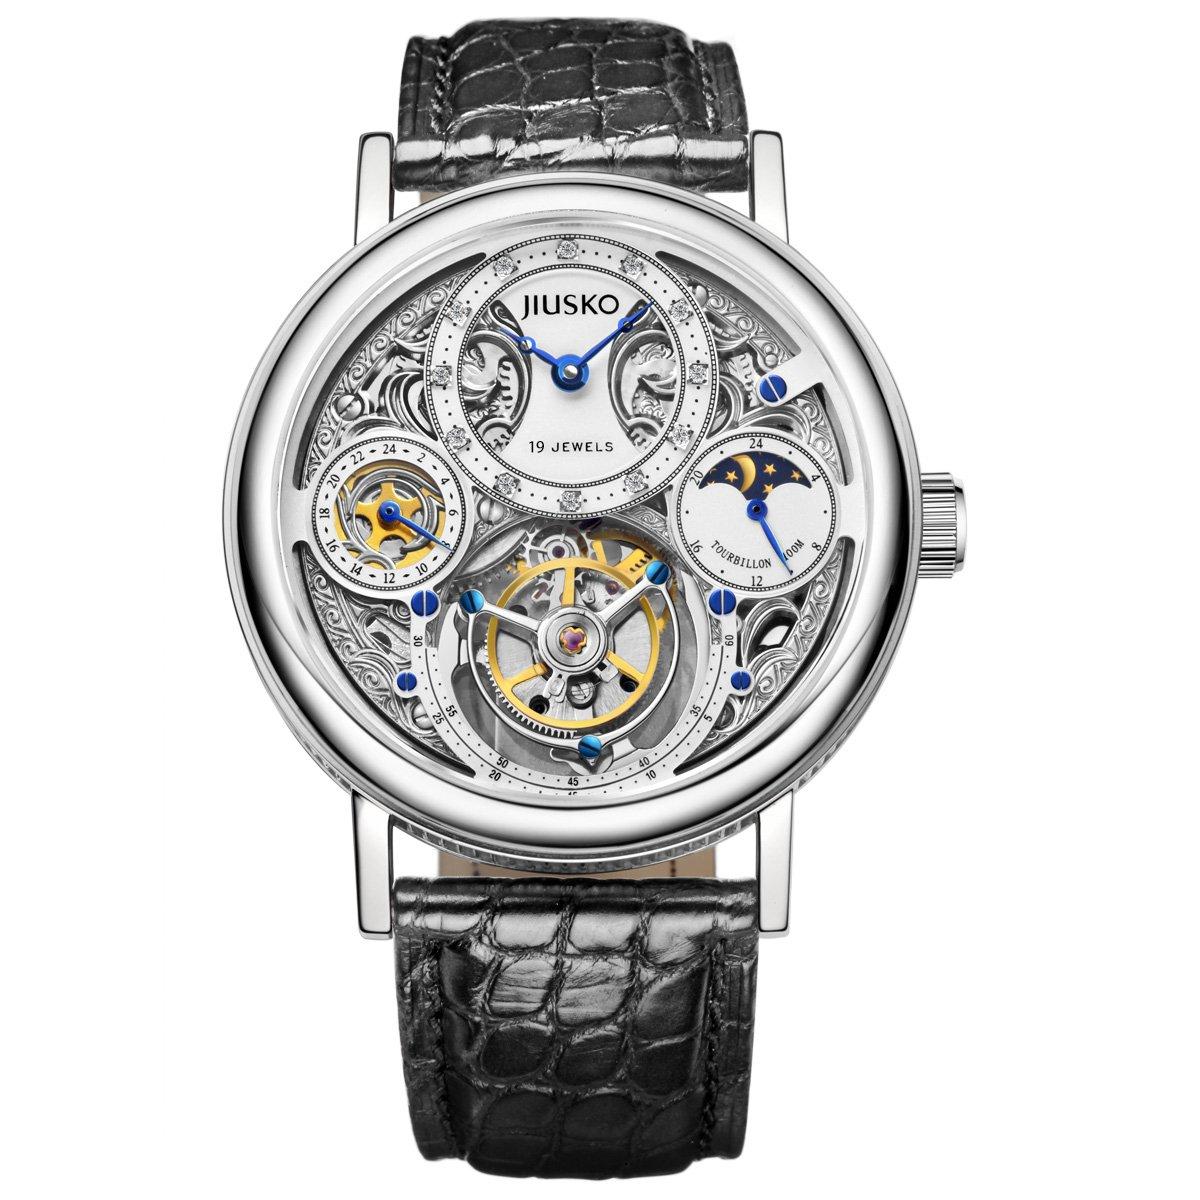 JIUSKO 153LS0102 - Reloj para hombres color negro: JIUSKO: Amazon.es: Relojes